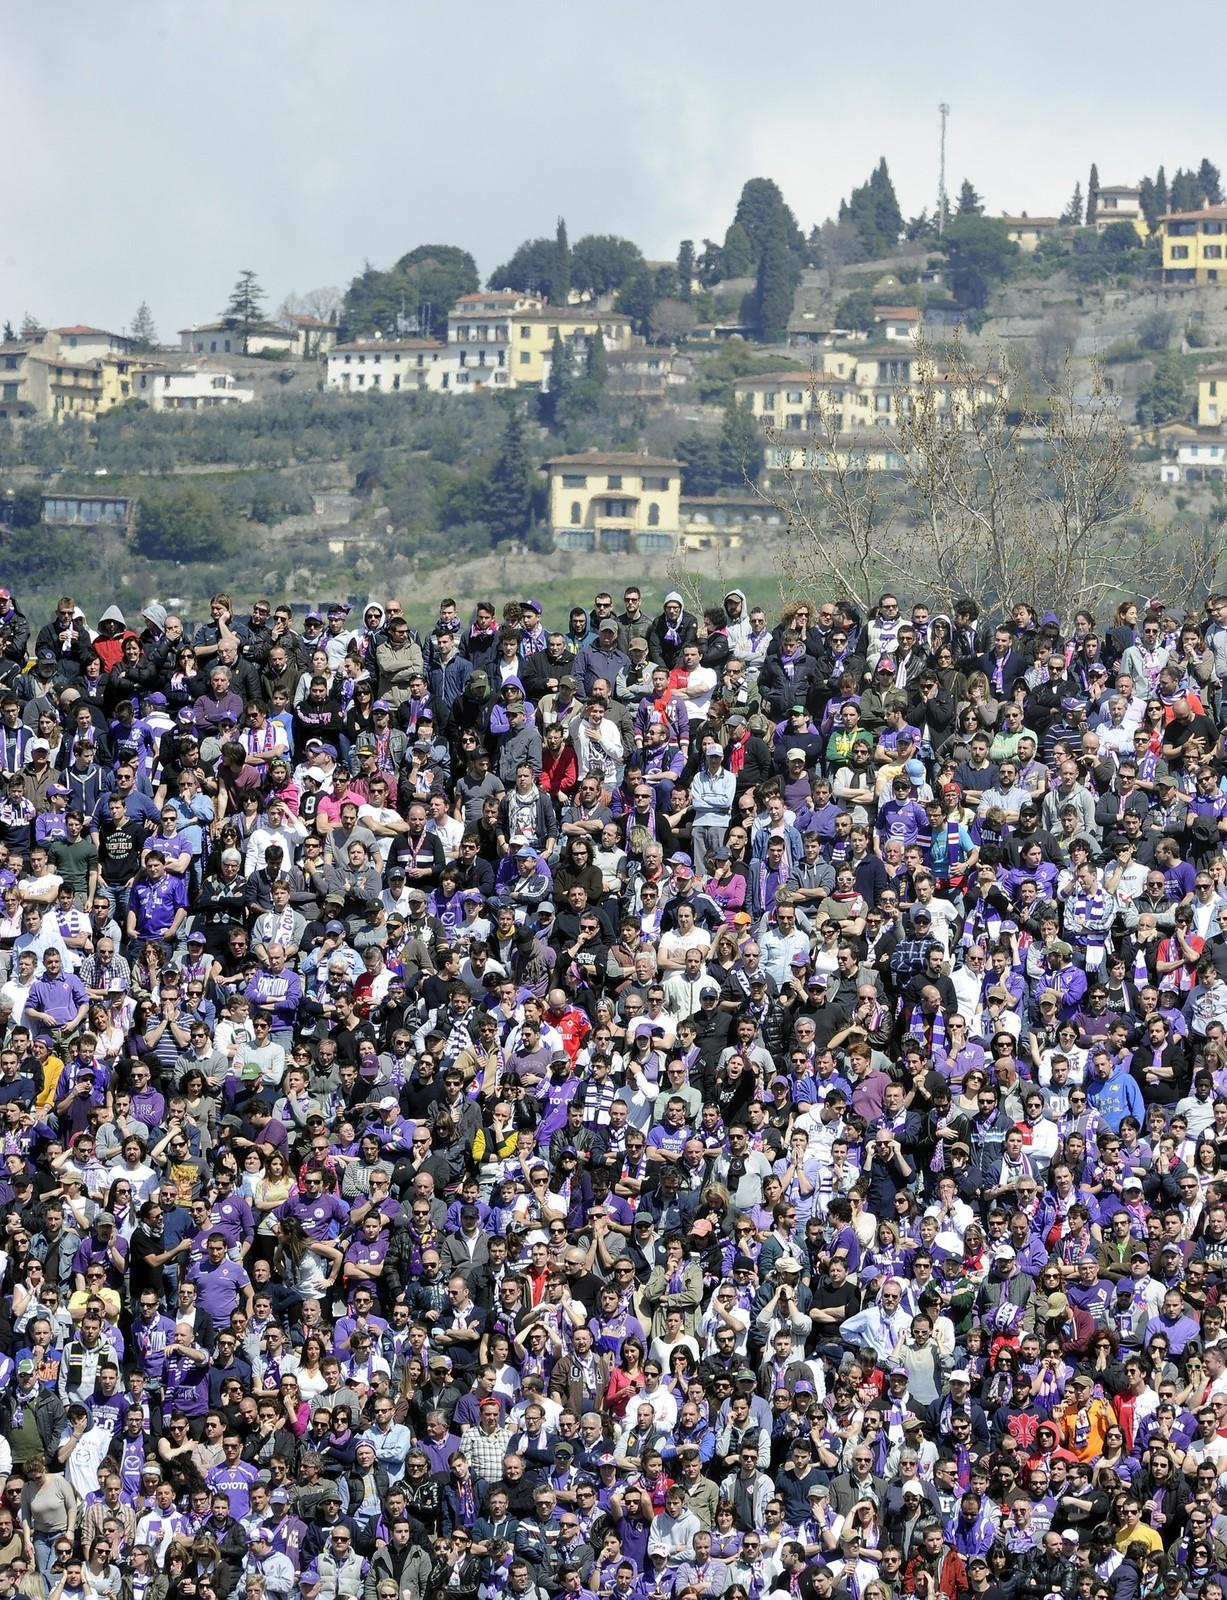 ACF Fiorentina - Страница 8 Cc626ab755ea0eaf4e982ef7d0886b34